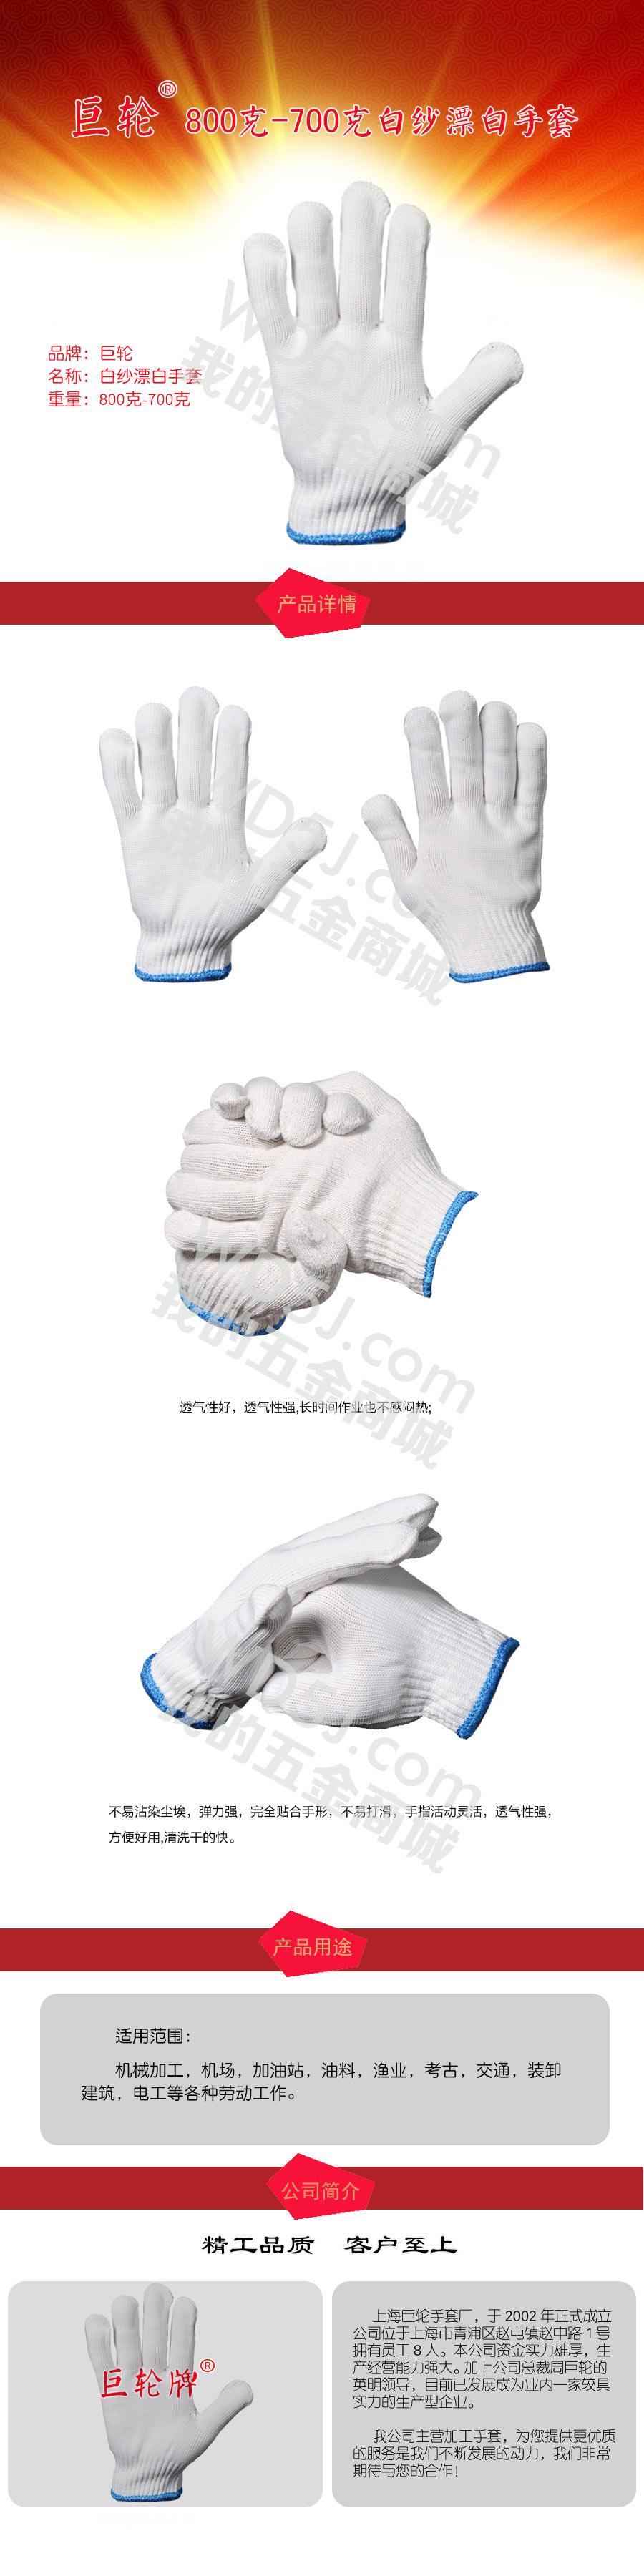 白纱手套 漂白 800克 700克-巨轮.jpg